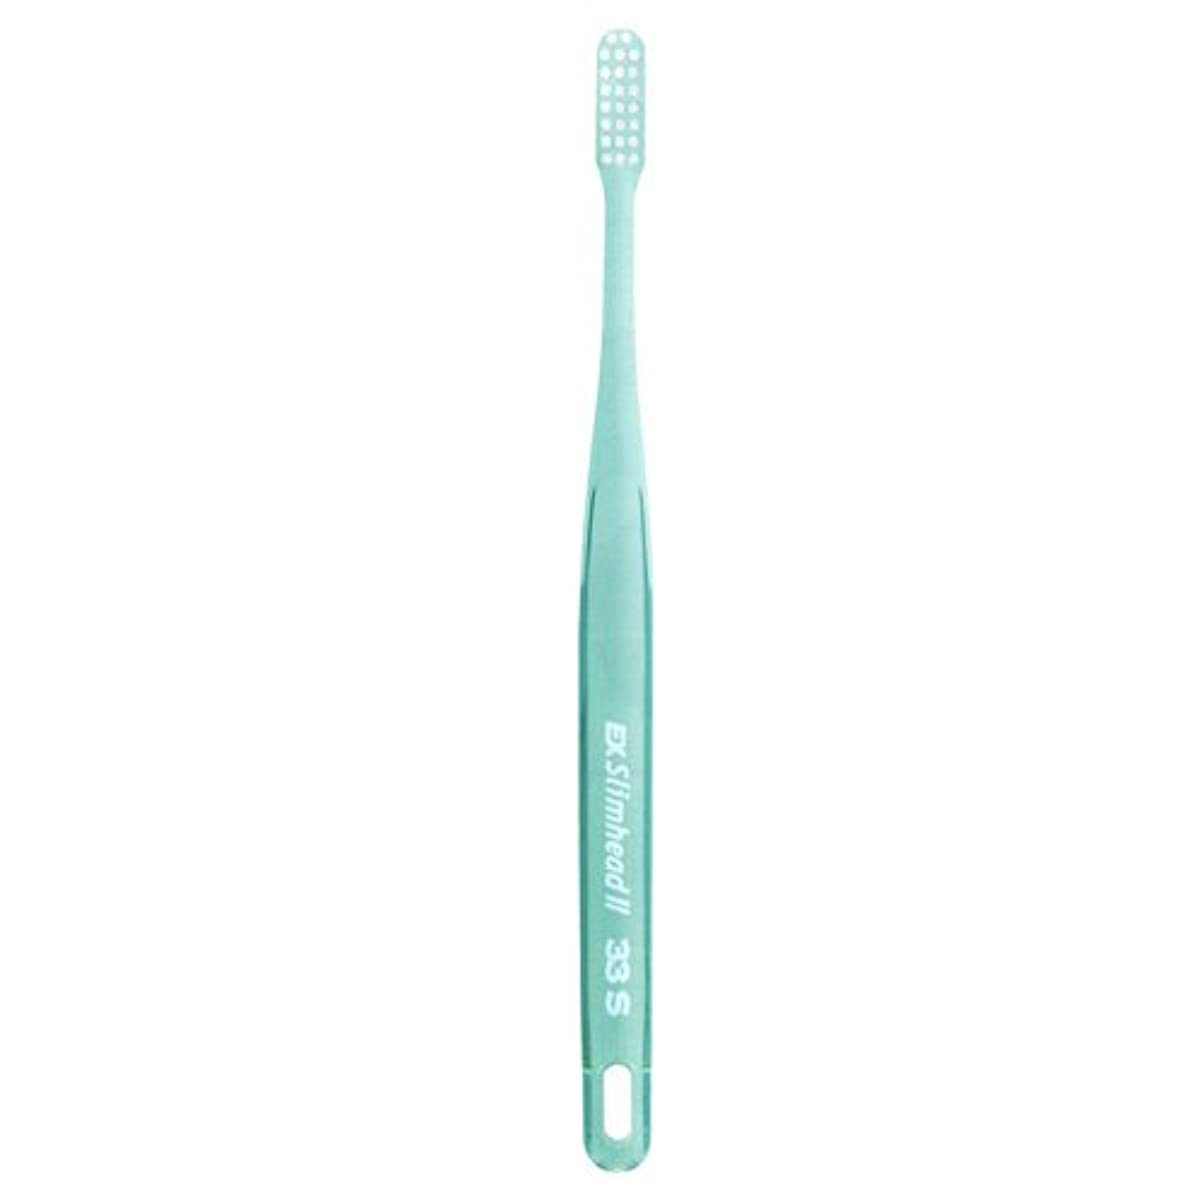 デュアル保守的散逸ライオン スリムヘッド2 歯ブラシ DENT . EX Slimhead2 1本 33S クリアグリーン